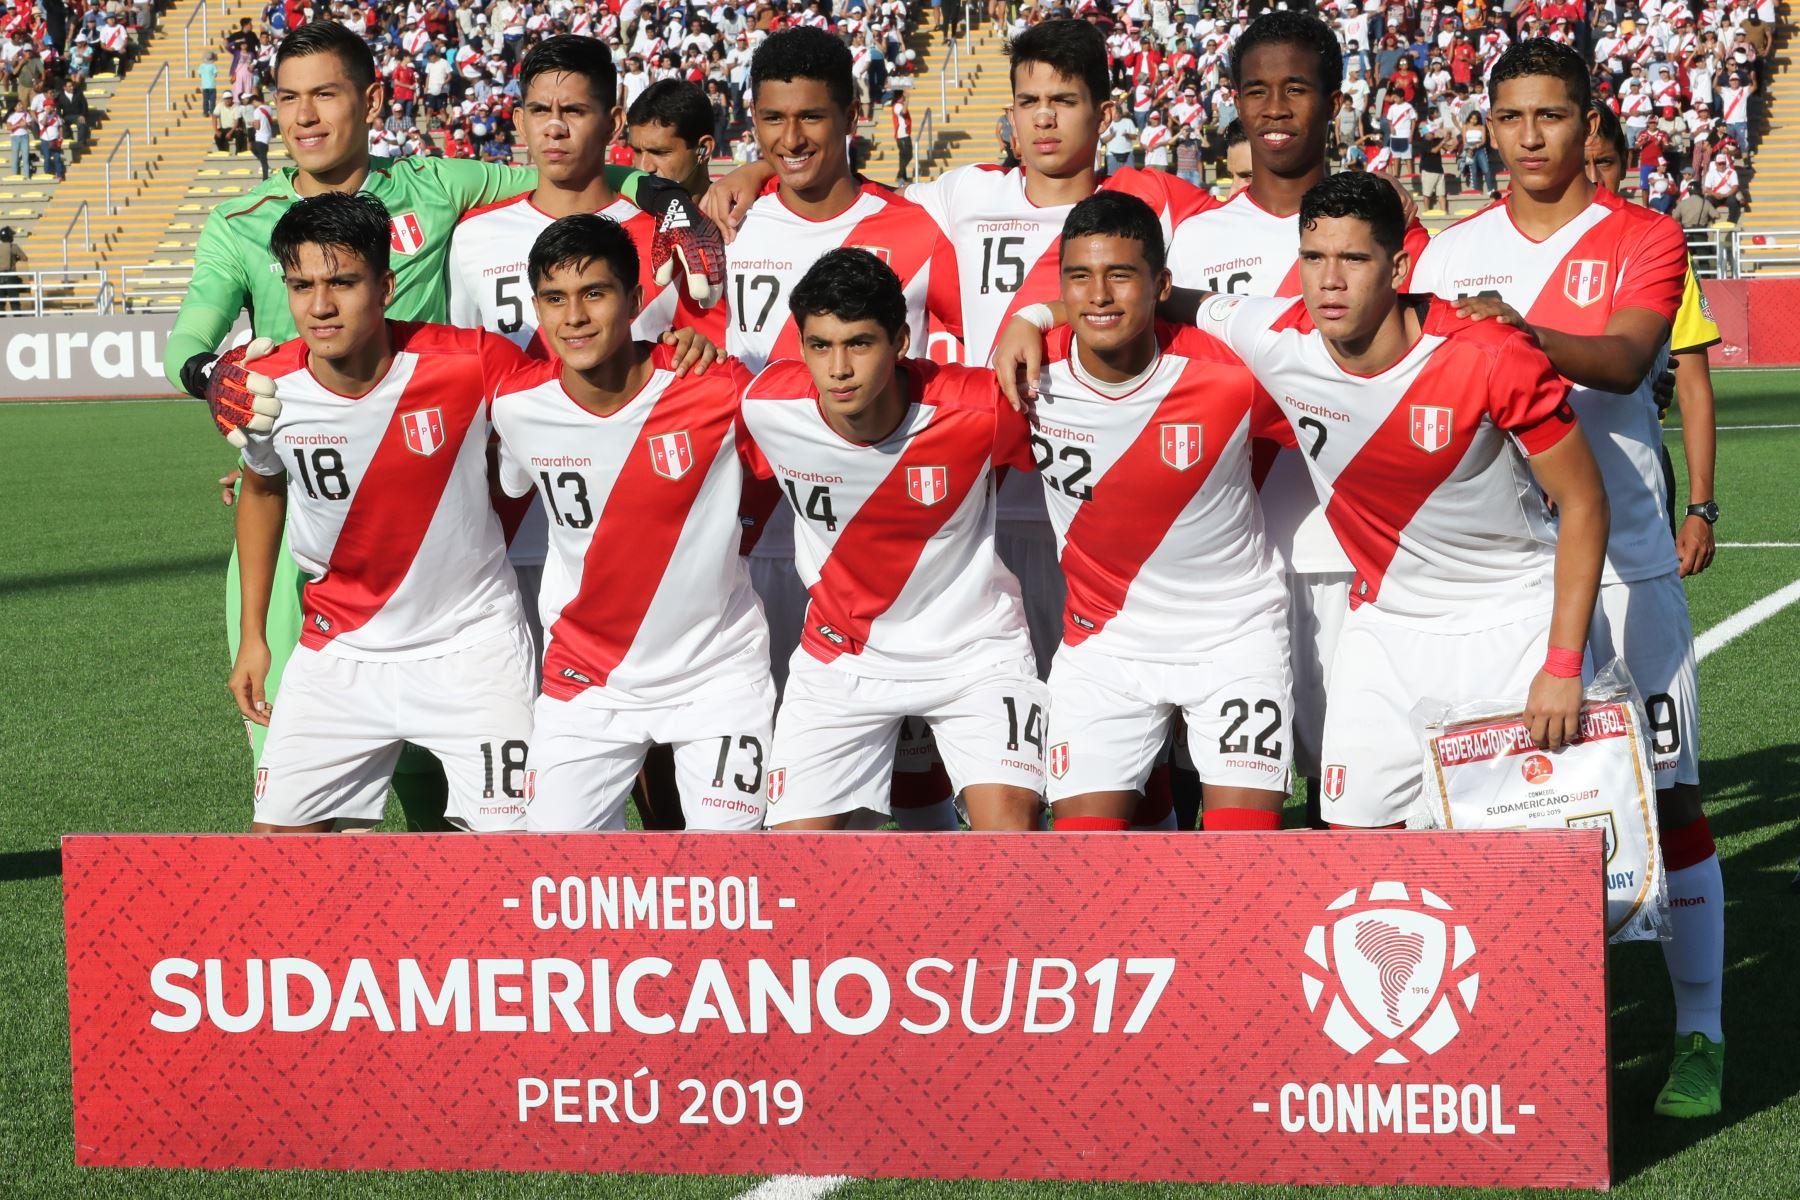 Perú derrotó por 3-2 a Uruguay con dos goles de Manuel Pinto y Daniel Llontop.  Foto: ANDINA/Juan Carlos Guzmán Negrini